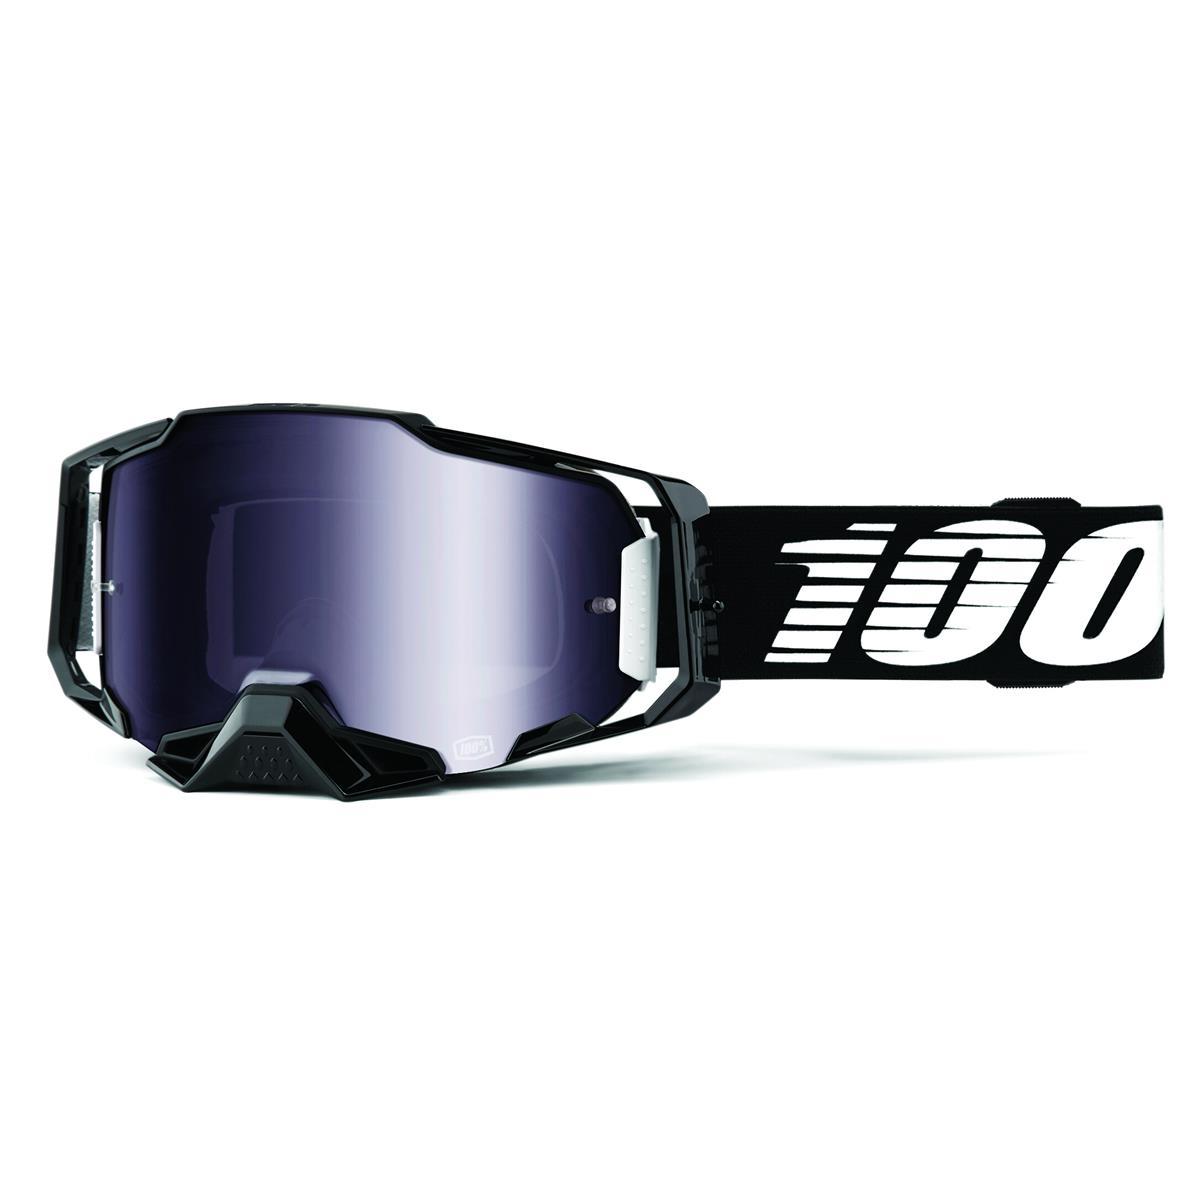 100% Crossbrille Armega Schwarz - verspiegelt, Anti Fog